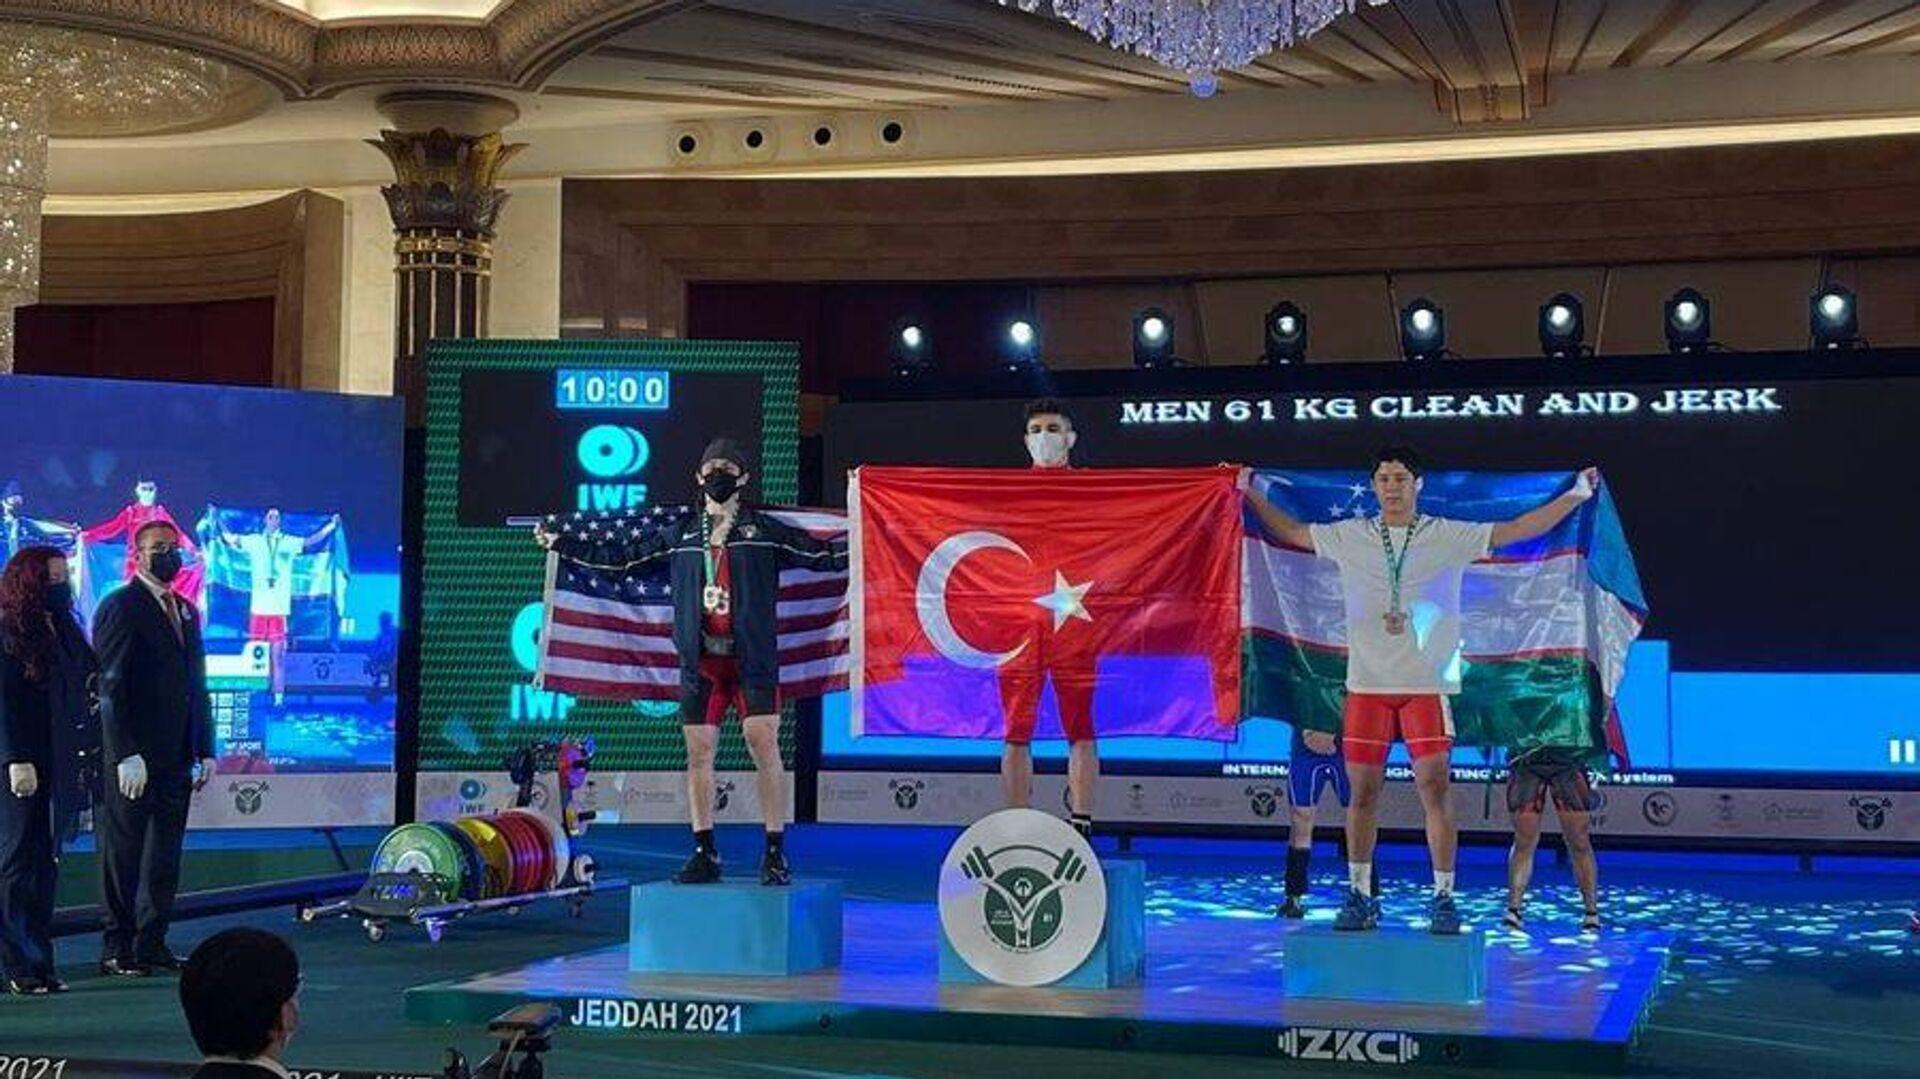 Хусинбой Матрасулов стал бронзовым призером ЧМ по тяжелой атлетике - Sputnik Узбекистан, 1920, 07.10.2021